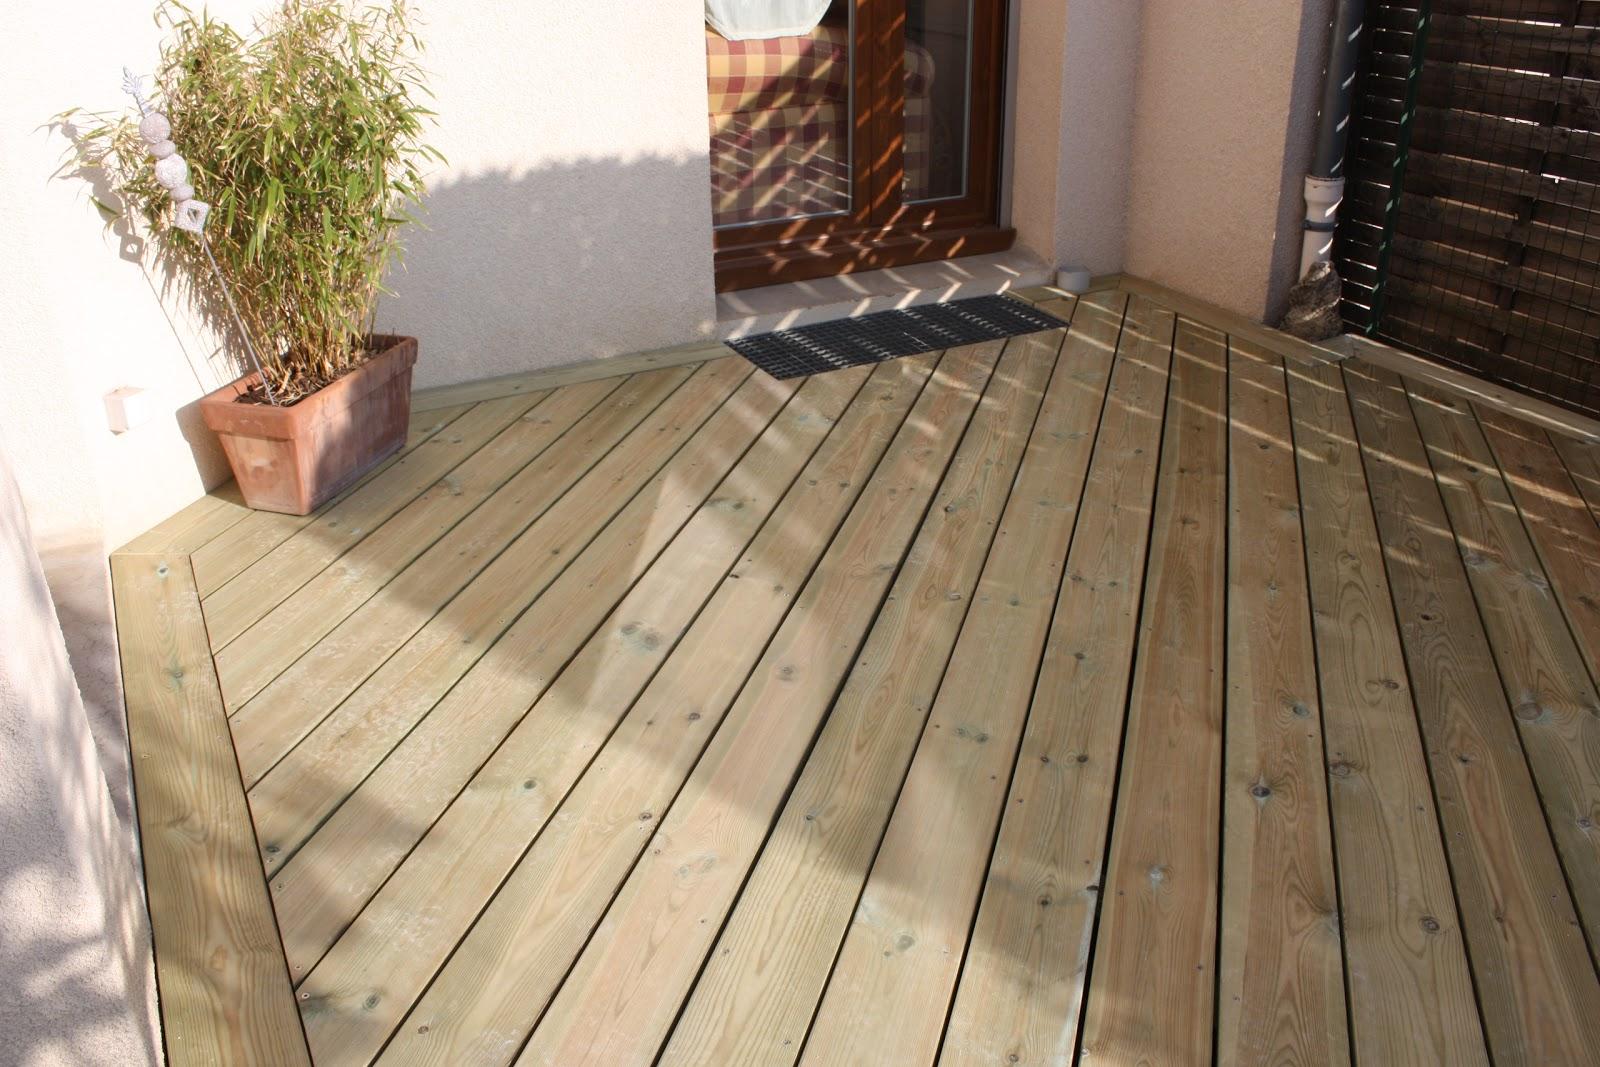 terrasse bois pose poser des caillebotis en bois sur. Black Bedroom Furniture Sets. Home Design Ideas